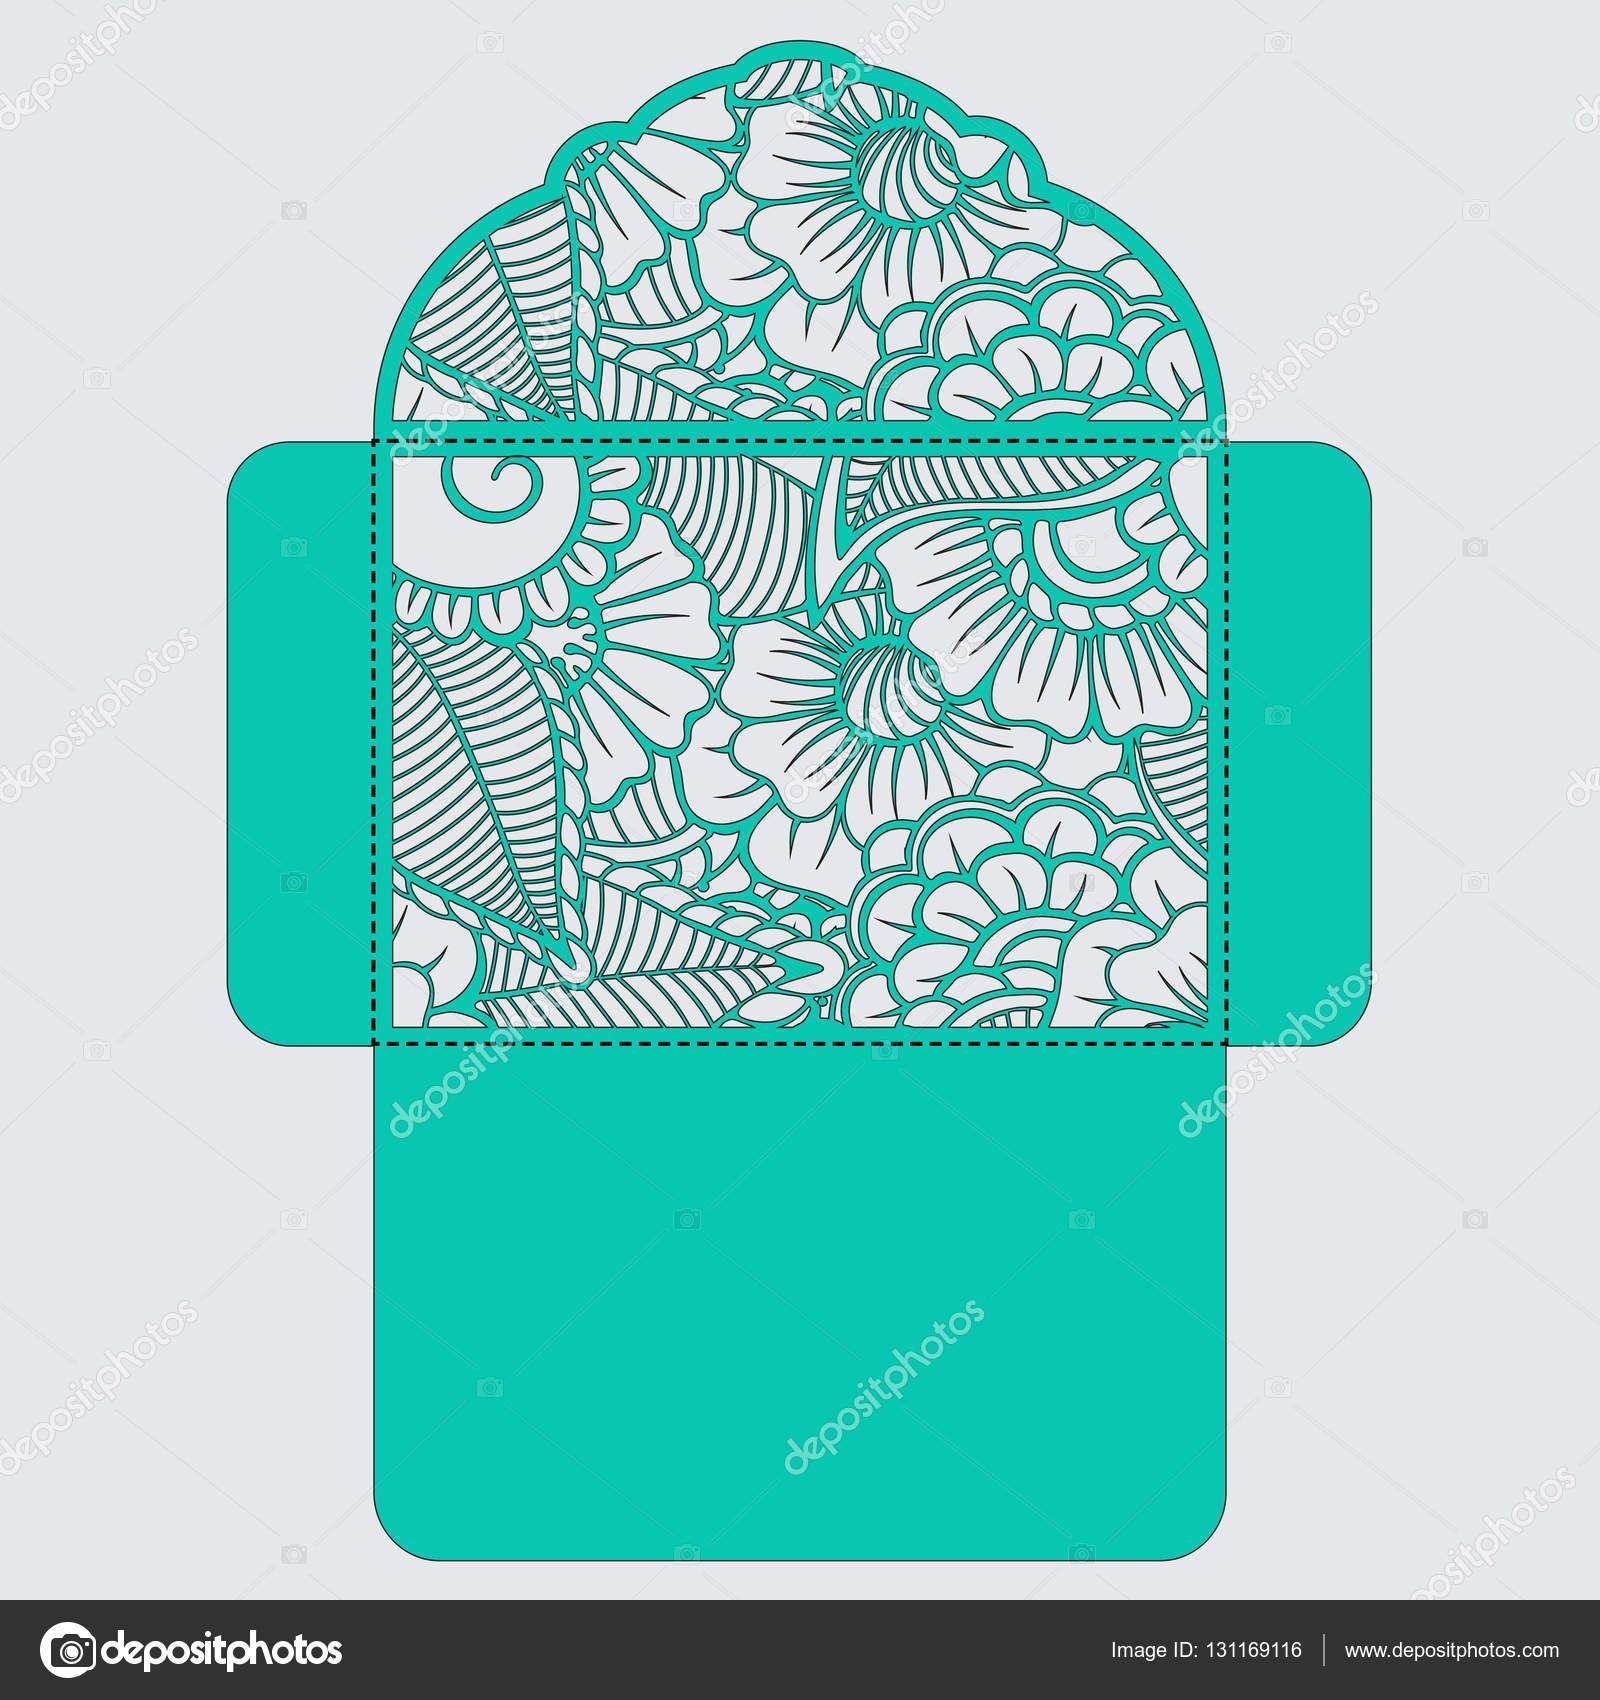 Telecharger L Image Vectorielle Libre De Droits Faire Part De Mariage Ou Carte De Voeux Avec Ornement Abst Faire Part Mariage Fichiers Silhouette Decoupe Laser